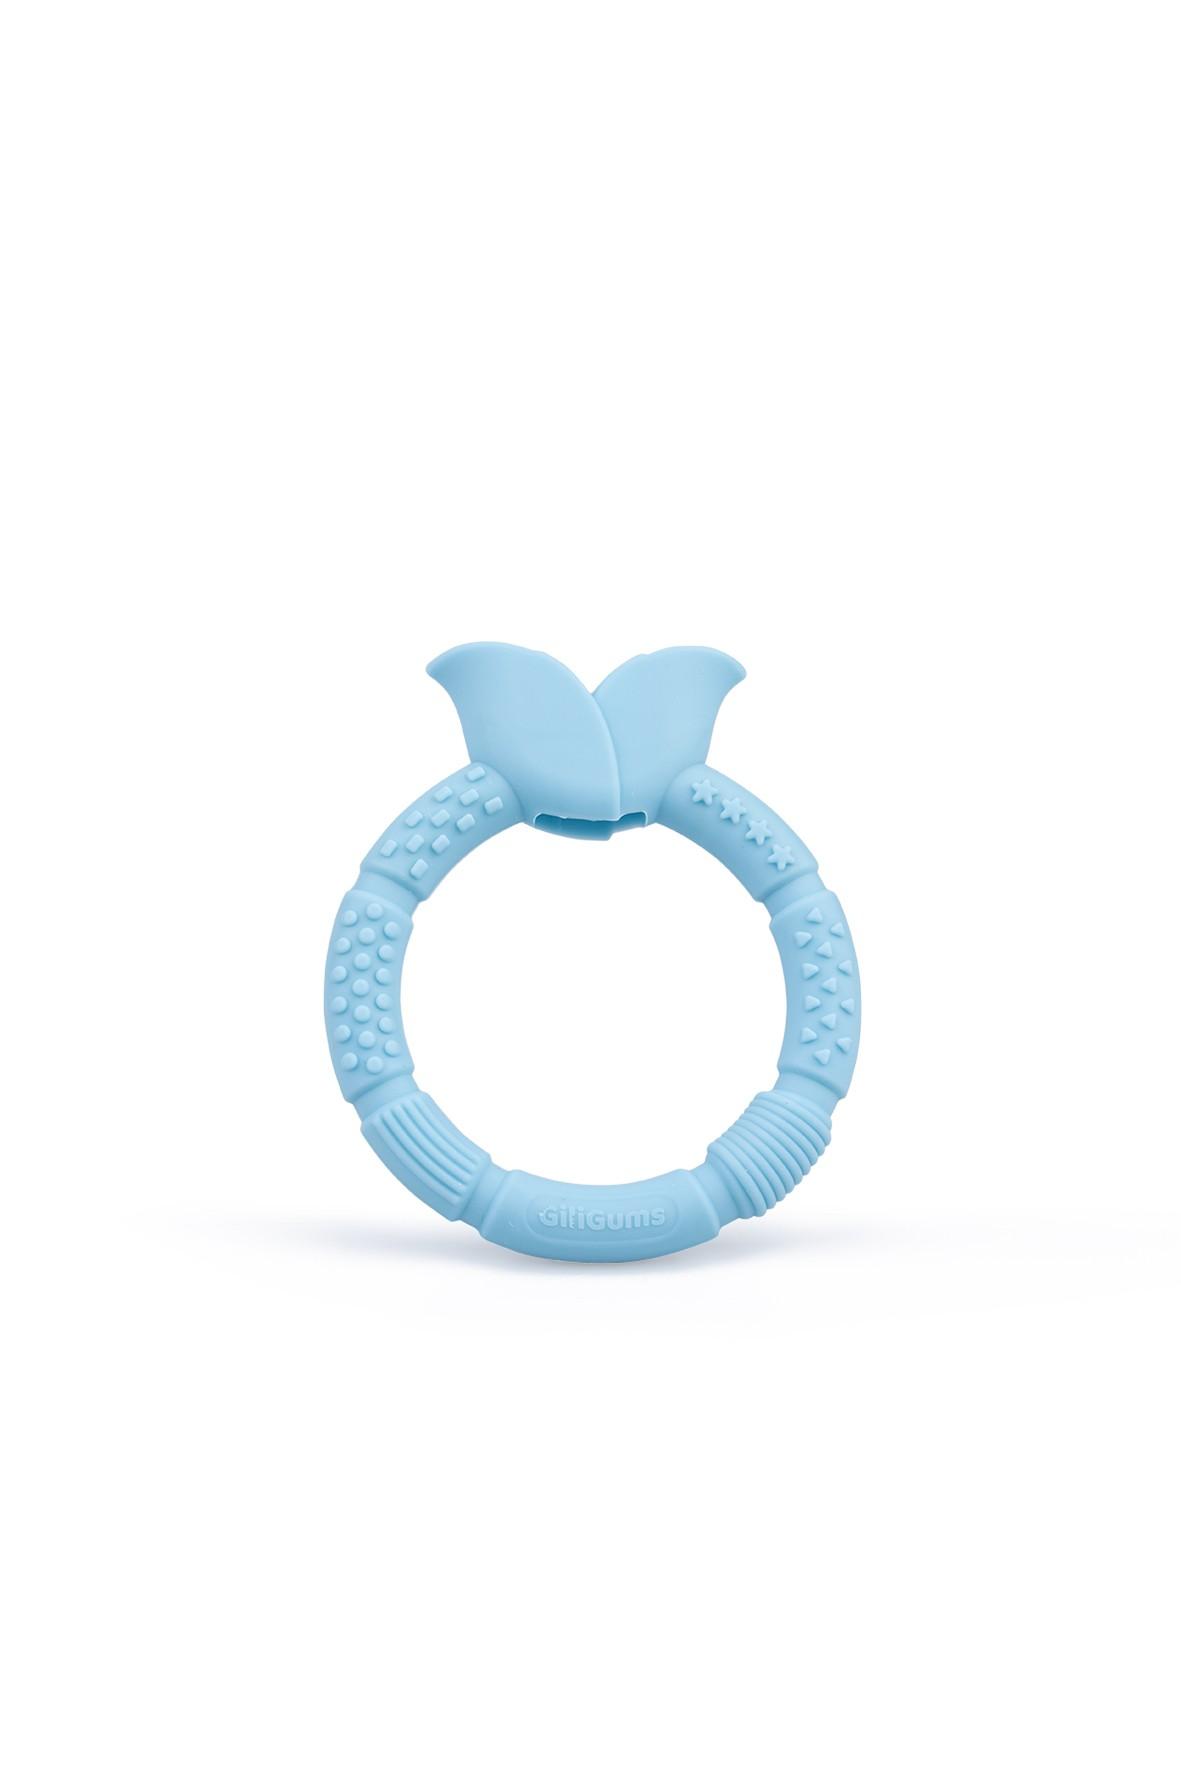 Silikonowy gryzak kwiatek GiliGums - niebieski wiek 3msc+